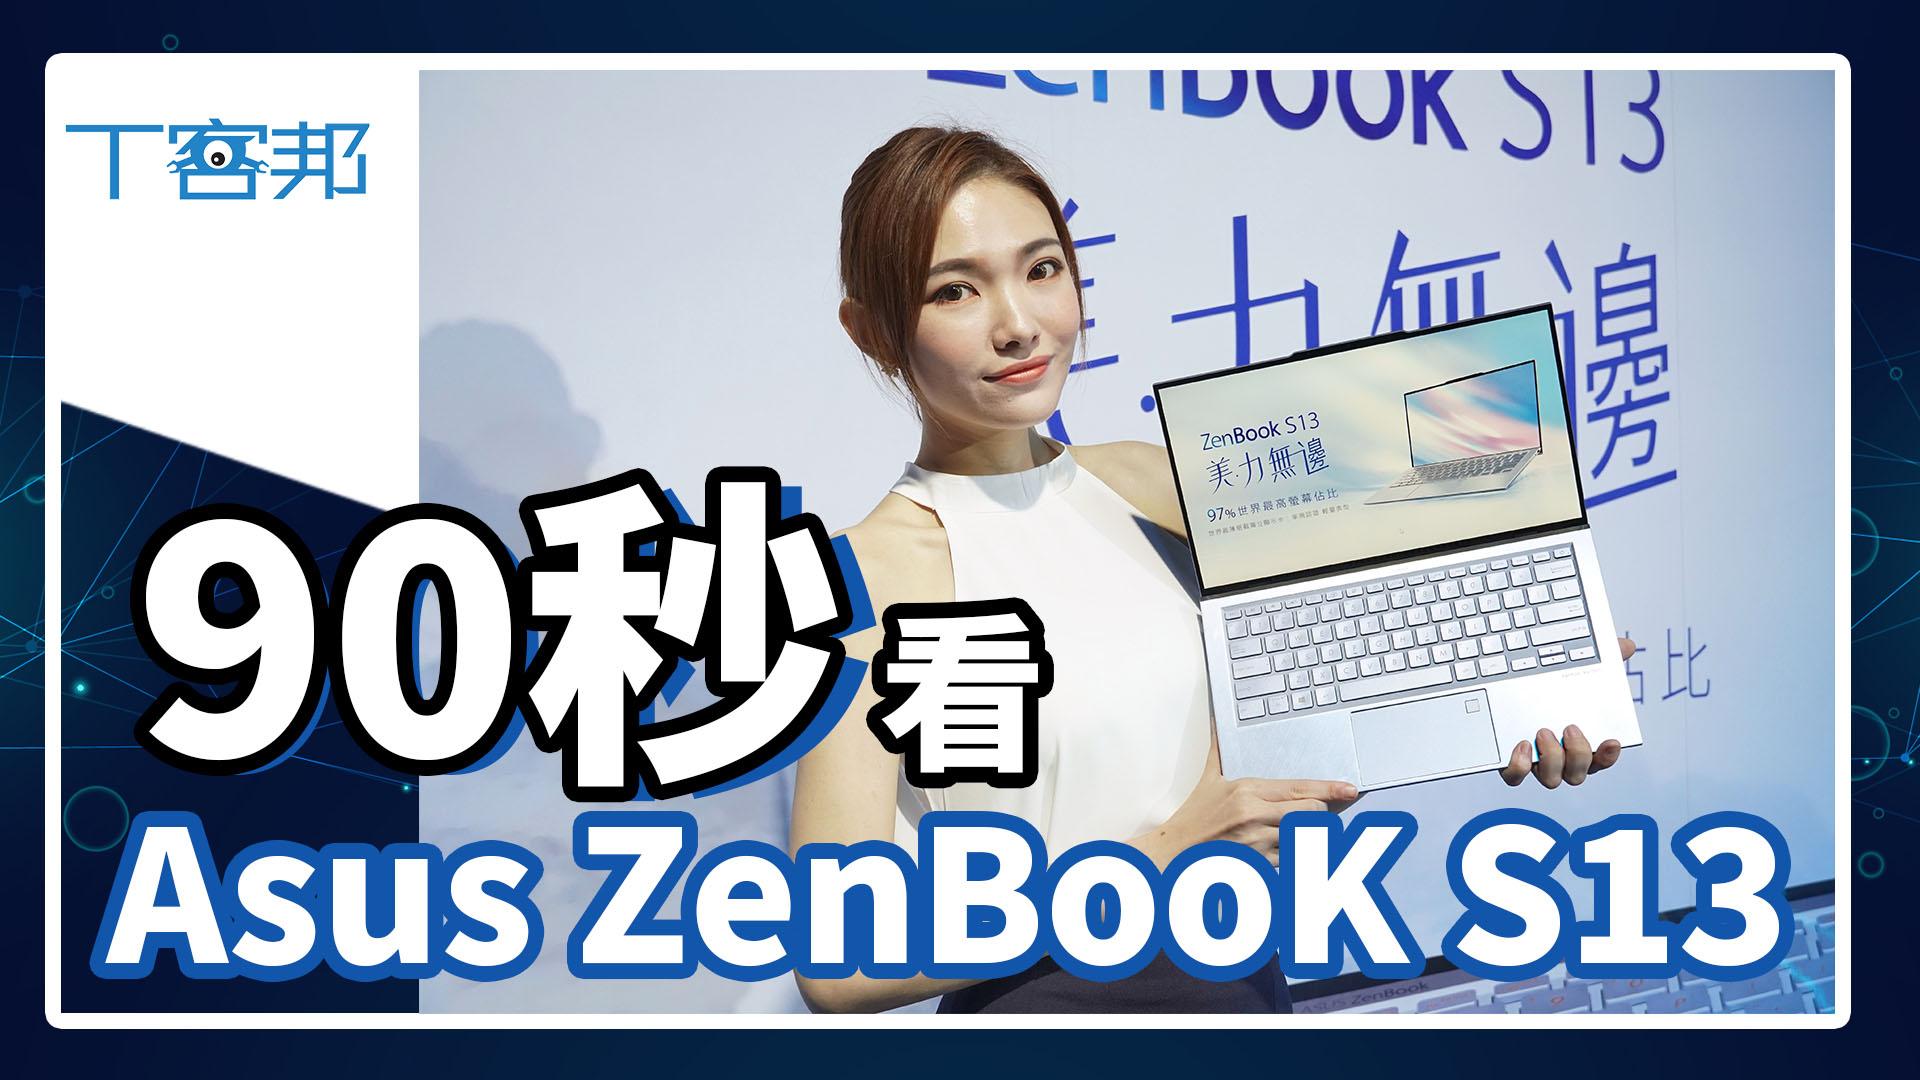 97% 螢幕占比 Asus ZenBook S13 開賣,近 14 吋螢幕只有 A4 大小